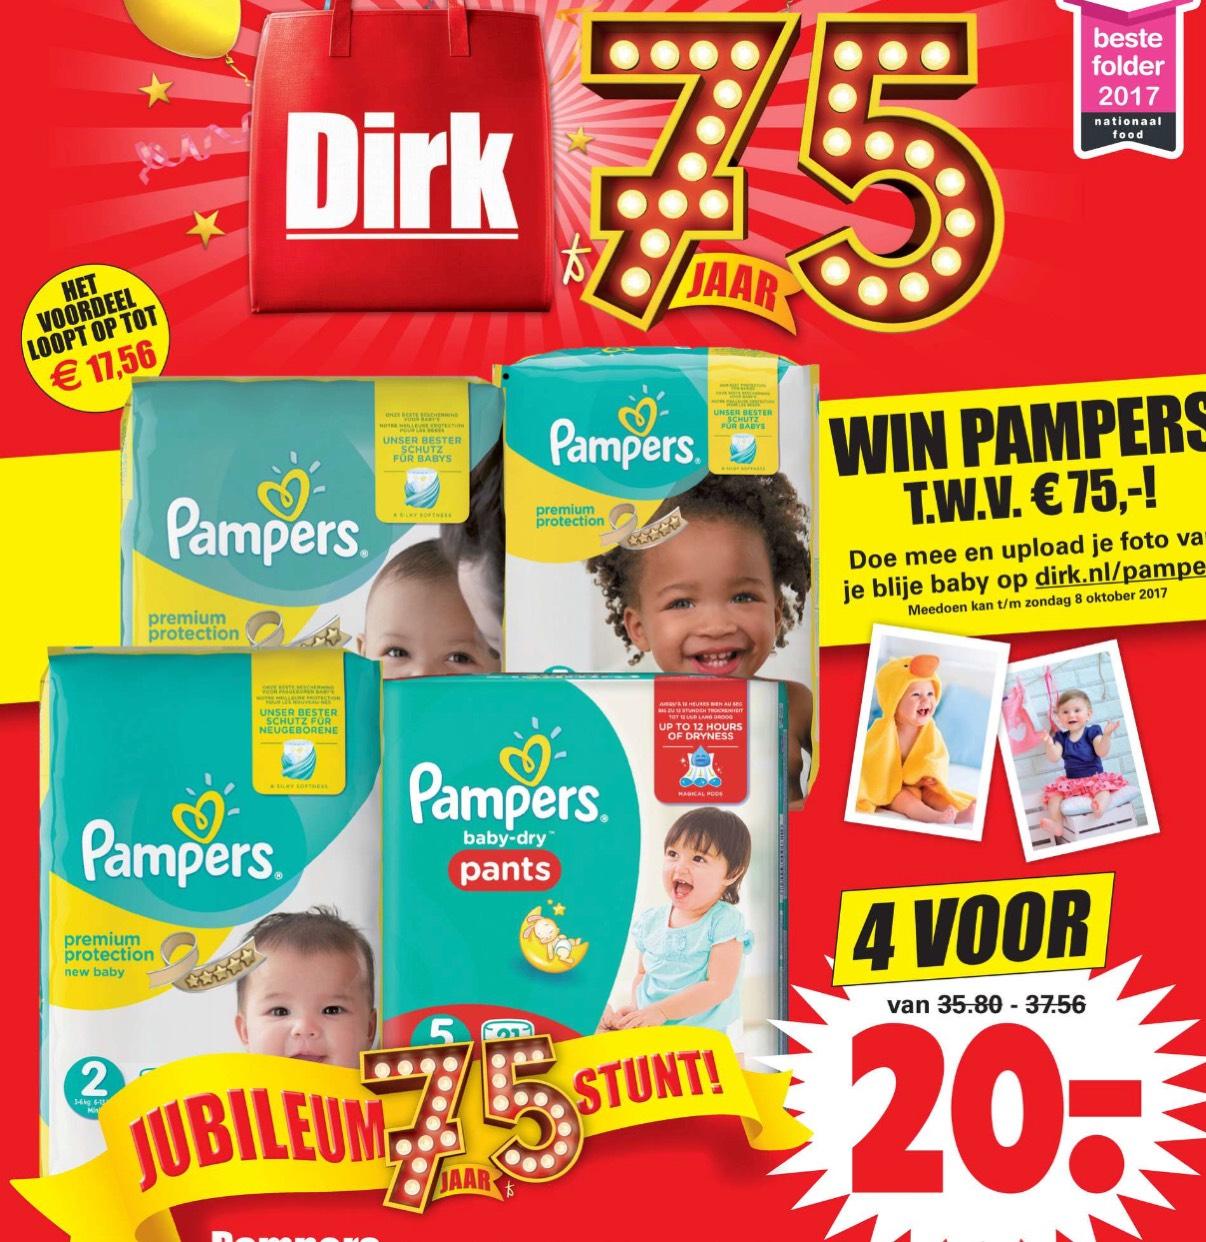 4 pakken Pamper voor €20 @ Dirk